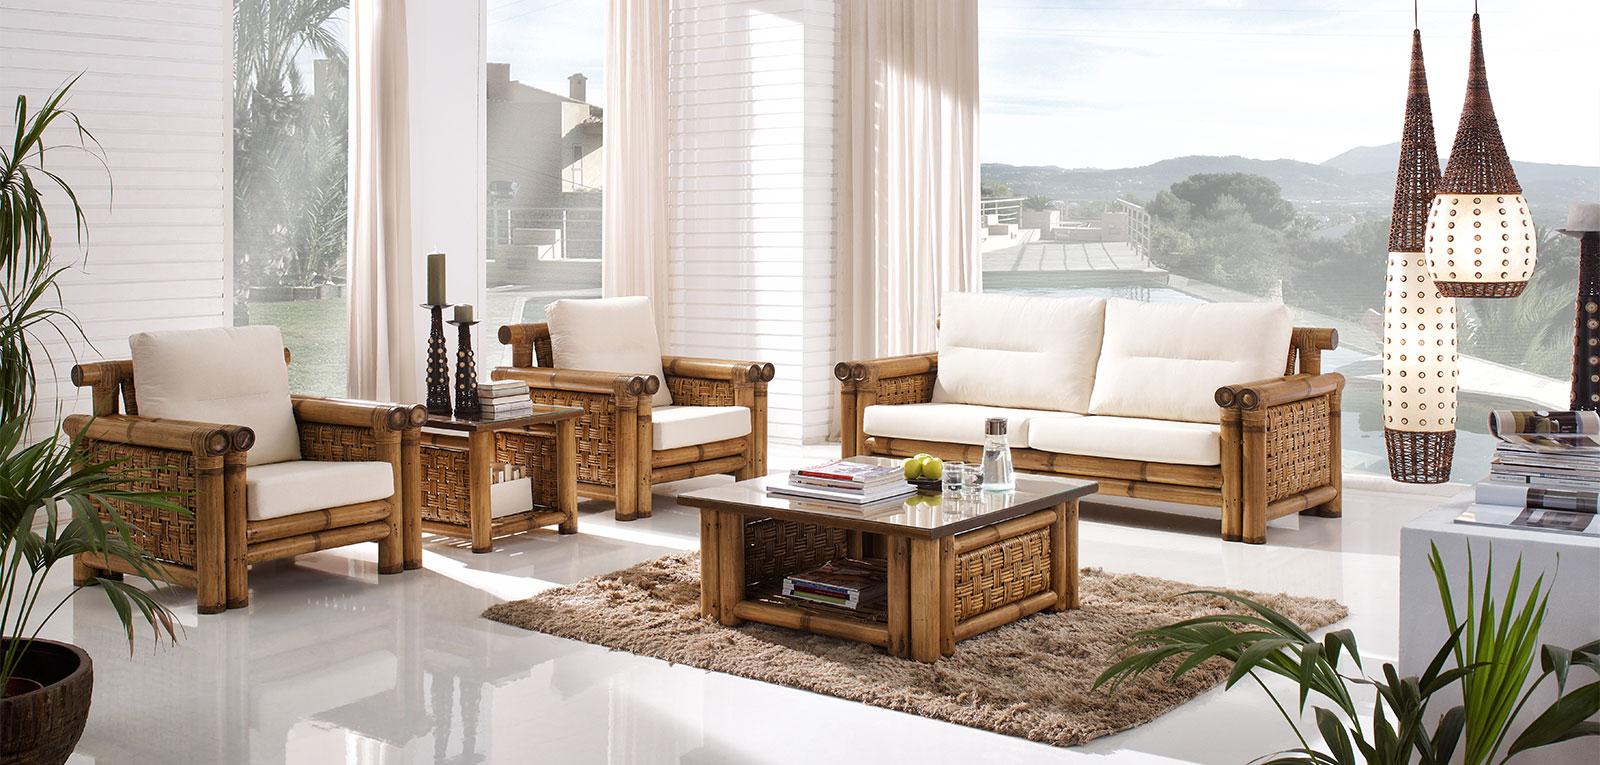 salon salon de jardin exotique meilleures id es pour la conception et l 39 ameublement du jardin. Black Bedroom Furniture Sets. Home Design Ideas